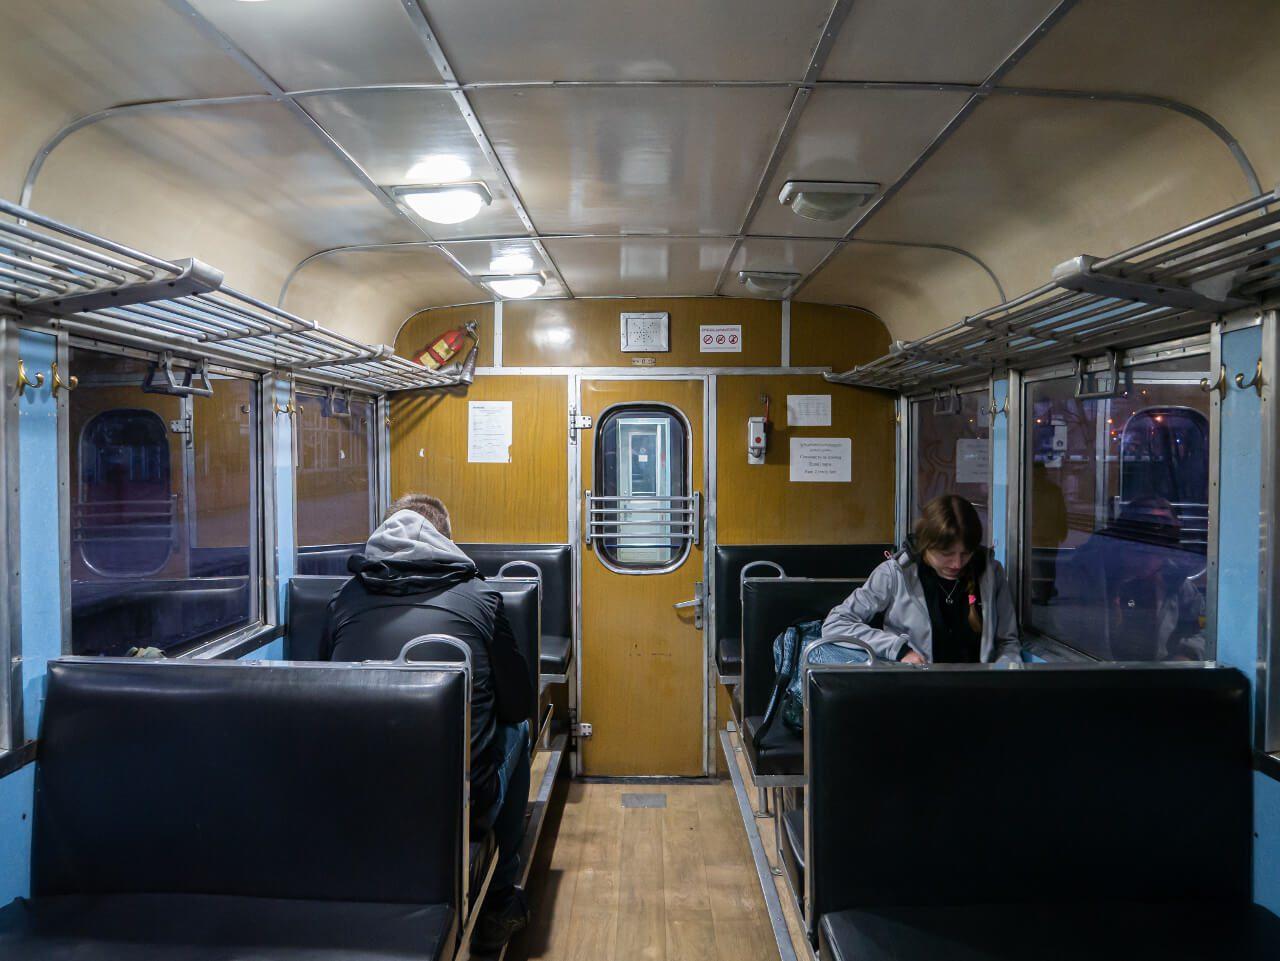 Wnętrze wagonu pociągu Borjomi - Bakuriani